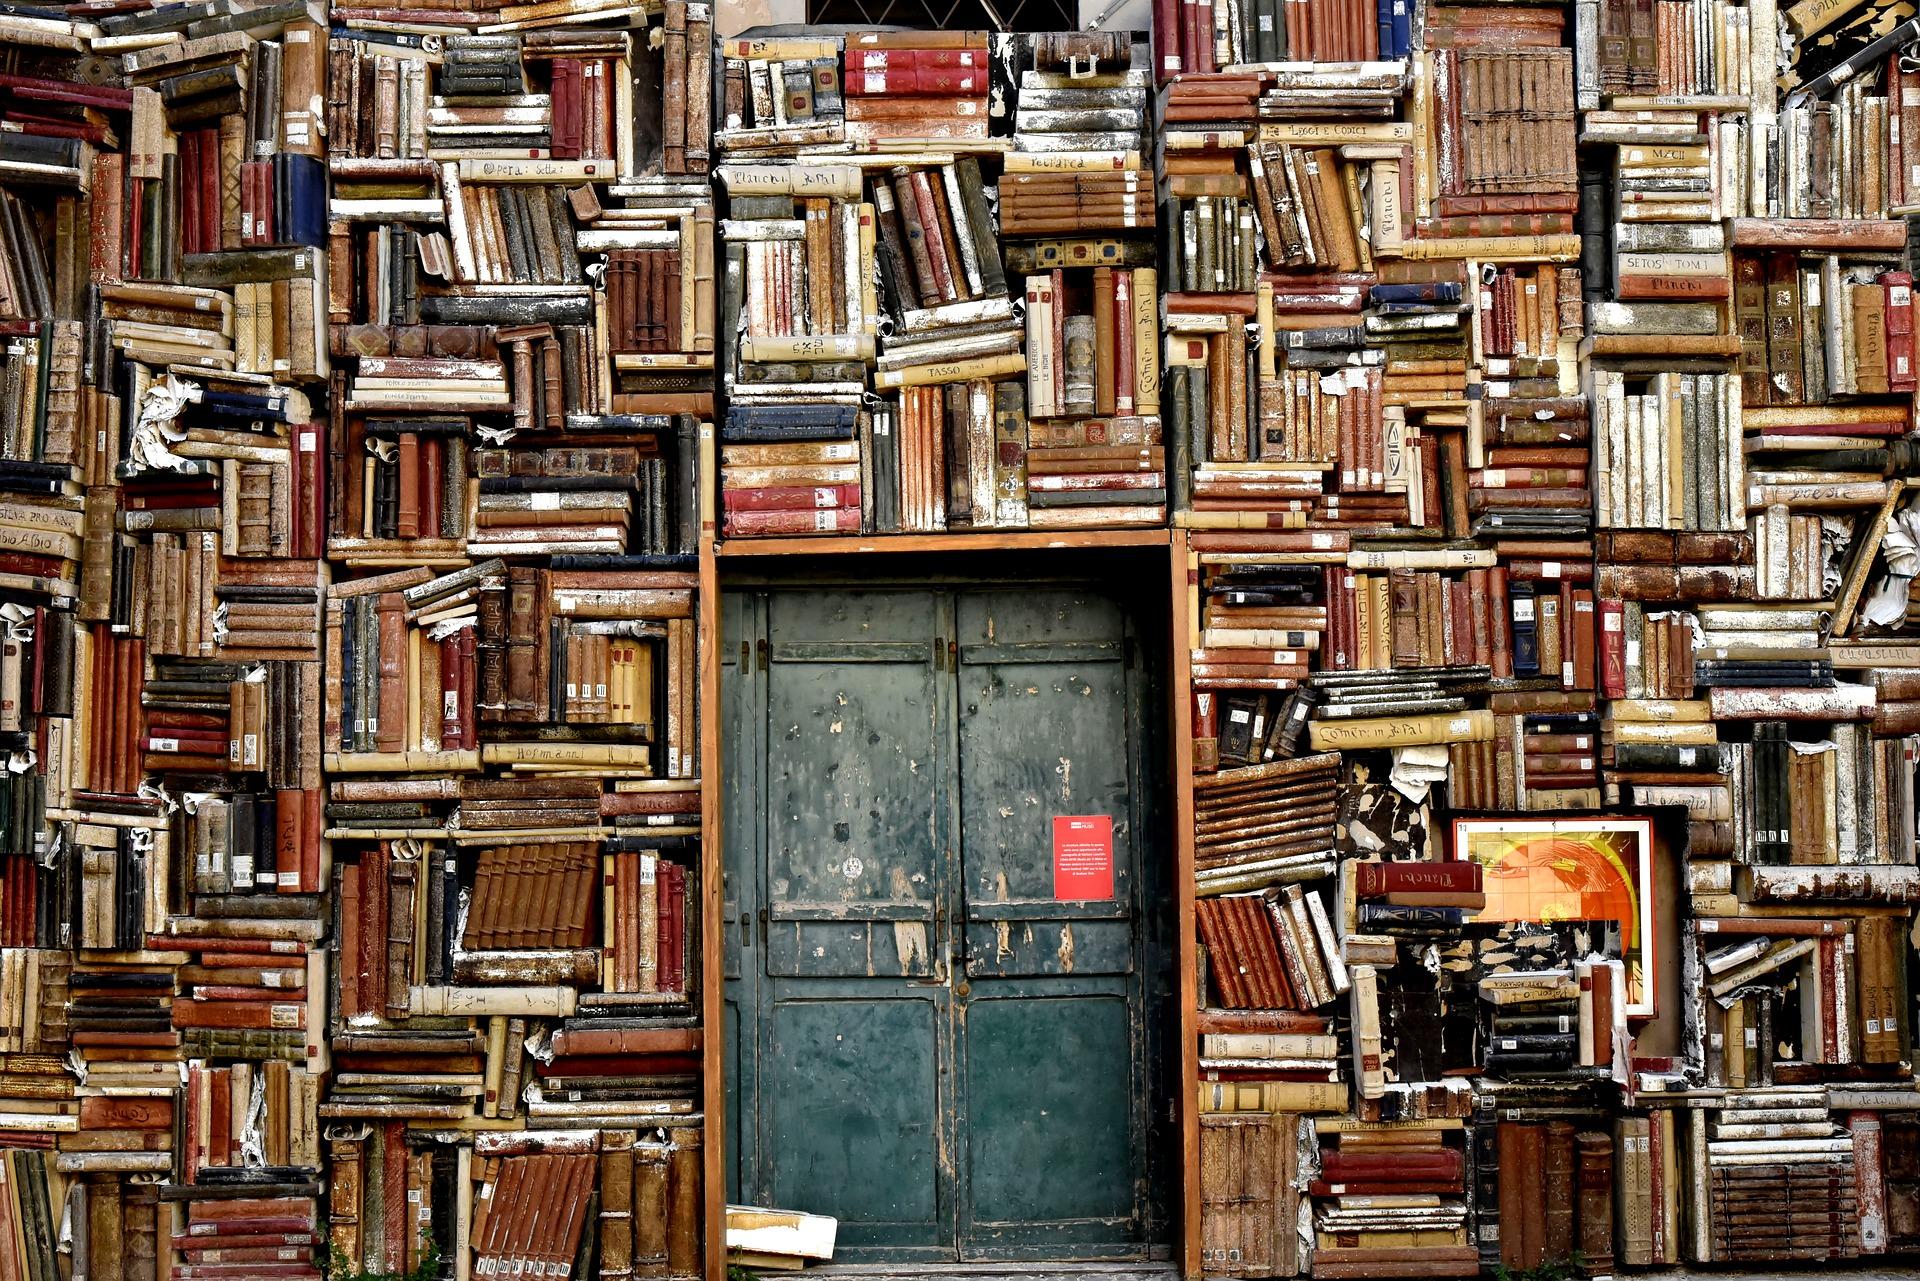 שבוע הספר – 8 ספרים שאתם חייבים לקרוא